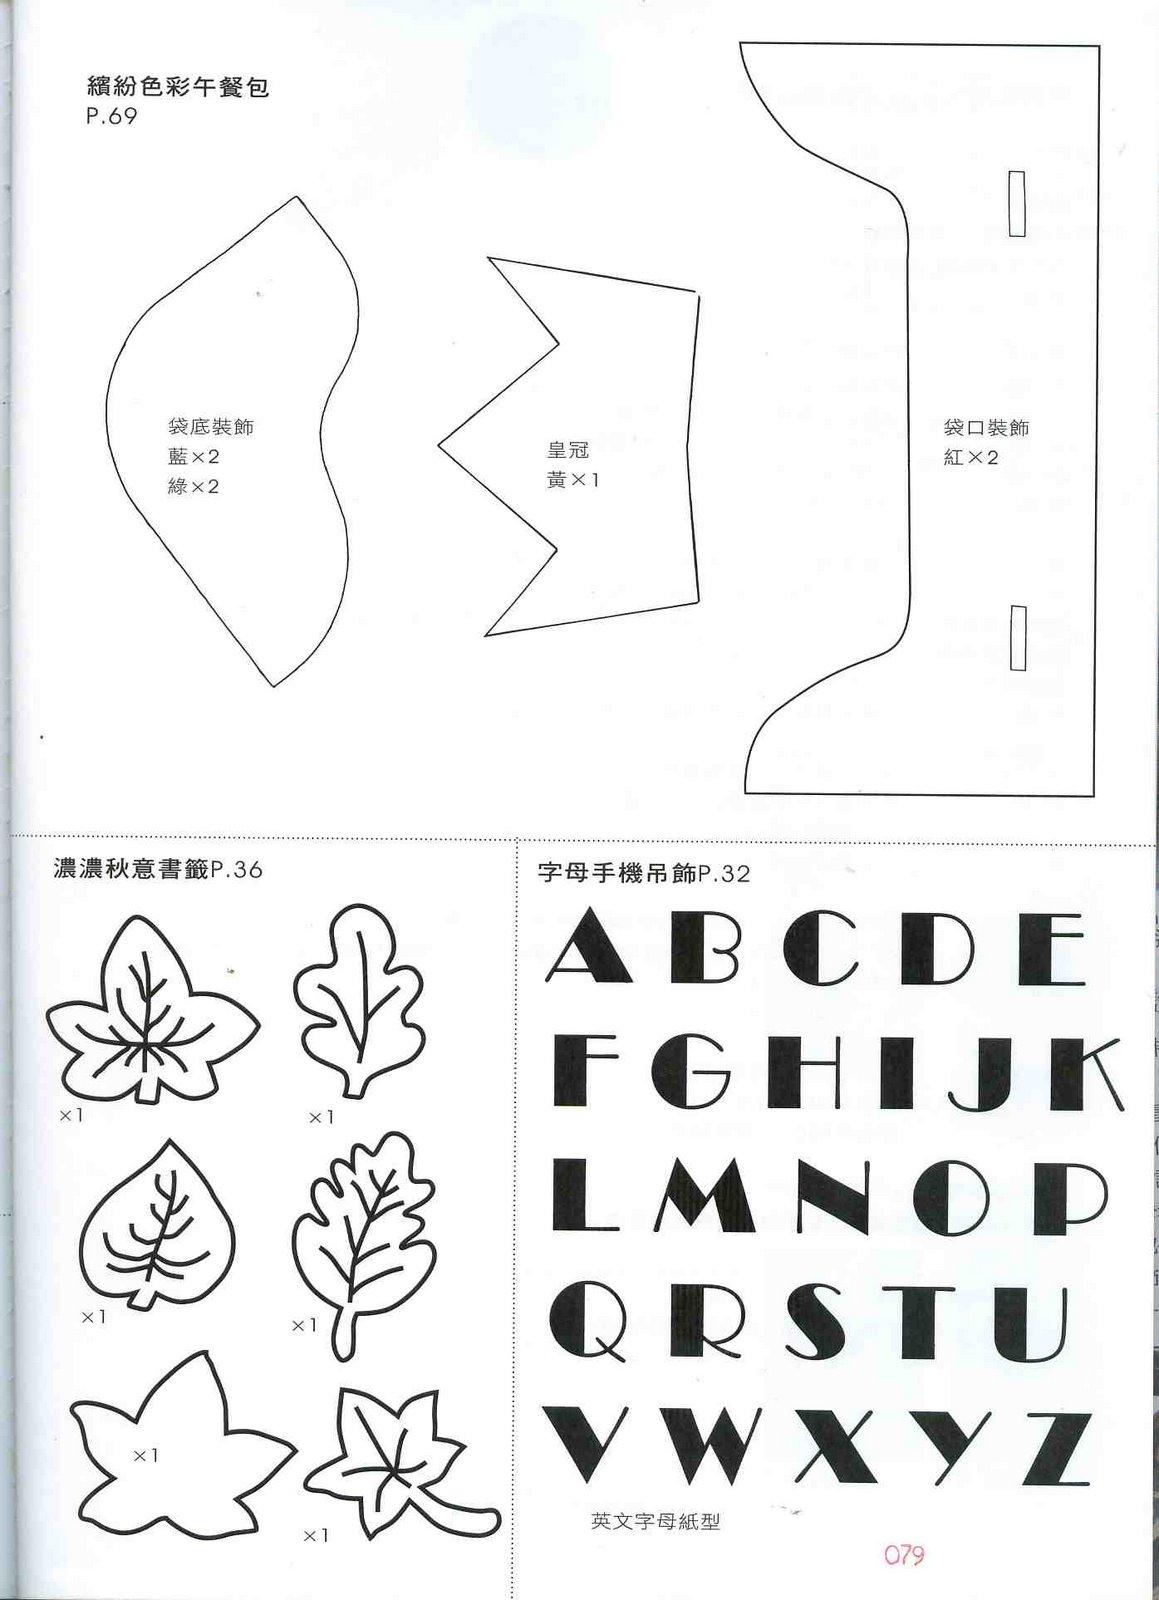 moldes de feltro para imprimir